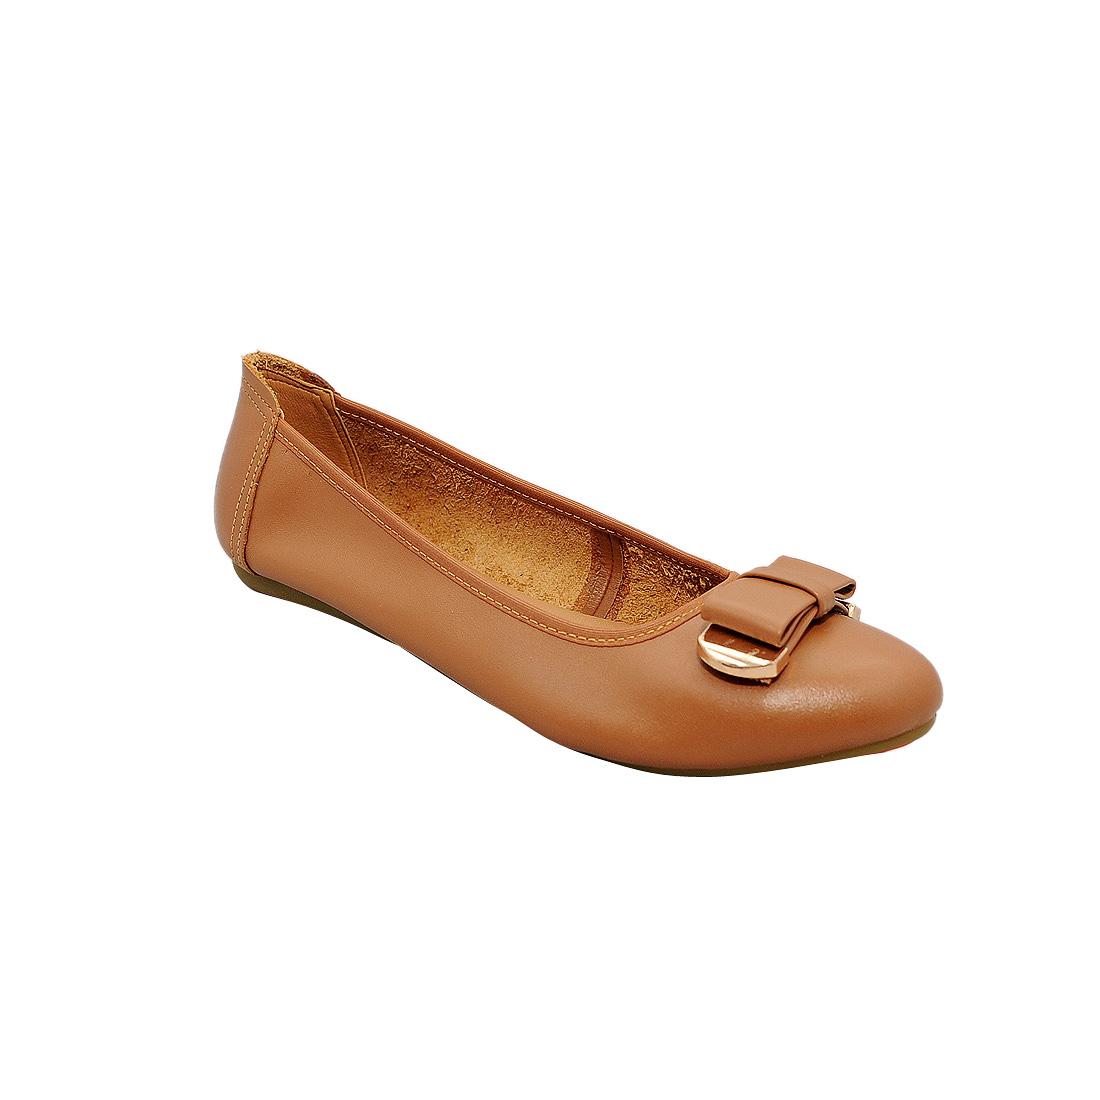 Giày bệt nữ da bò thật cao cấp màu nâu bò ESW195